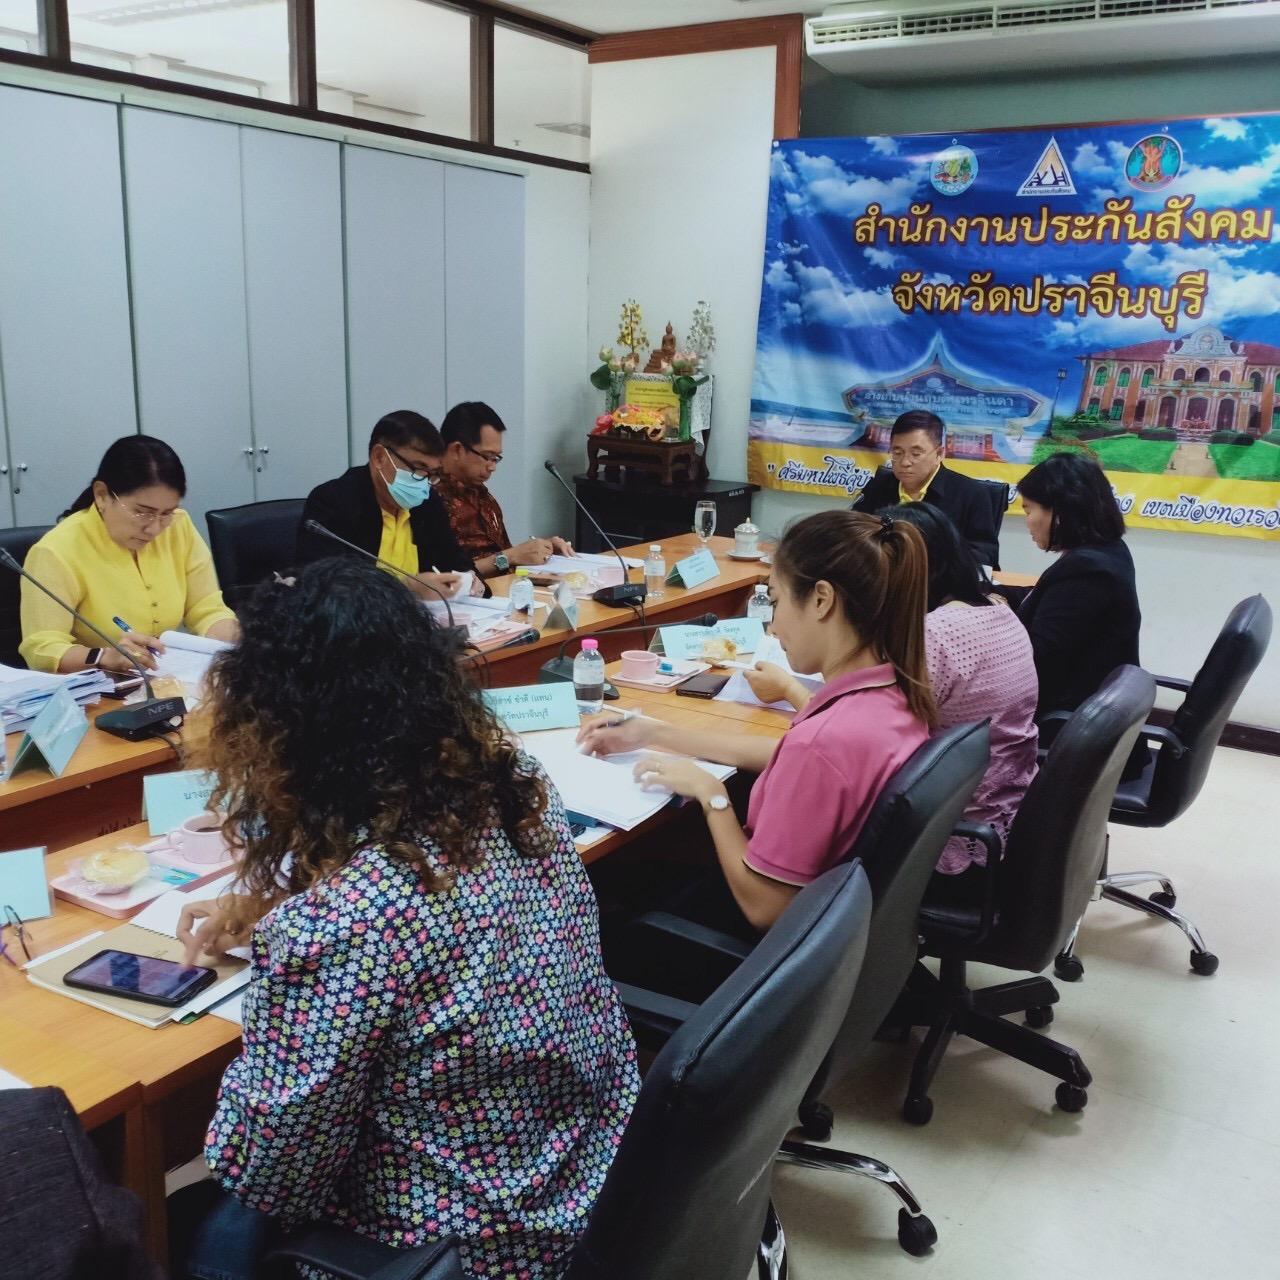 ประชุมคณะอนุกรรมการประกันสังคมจังหวัดปราจีนบุรี ครั้งที่ 1/2563